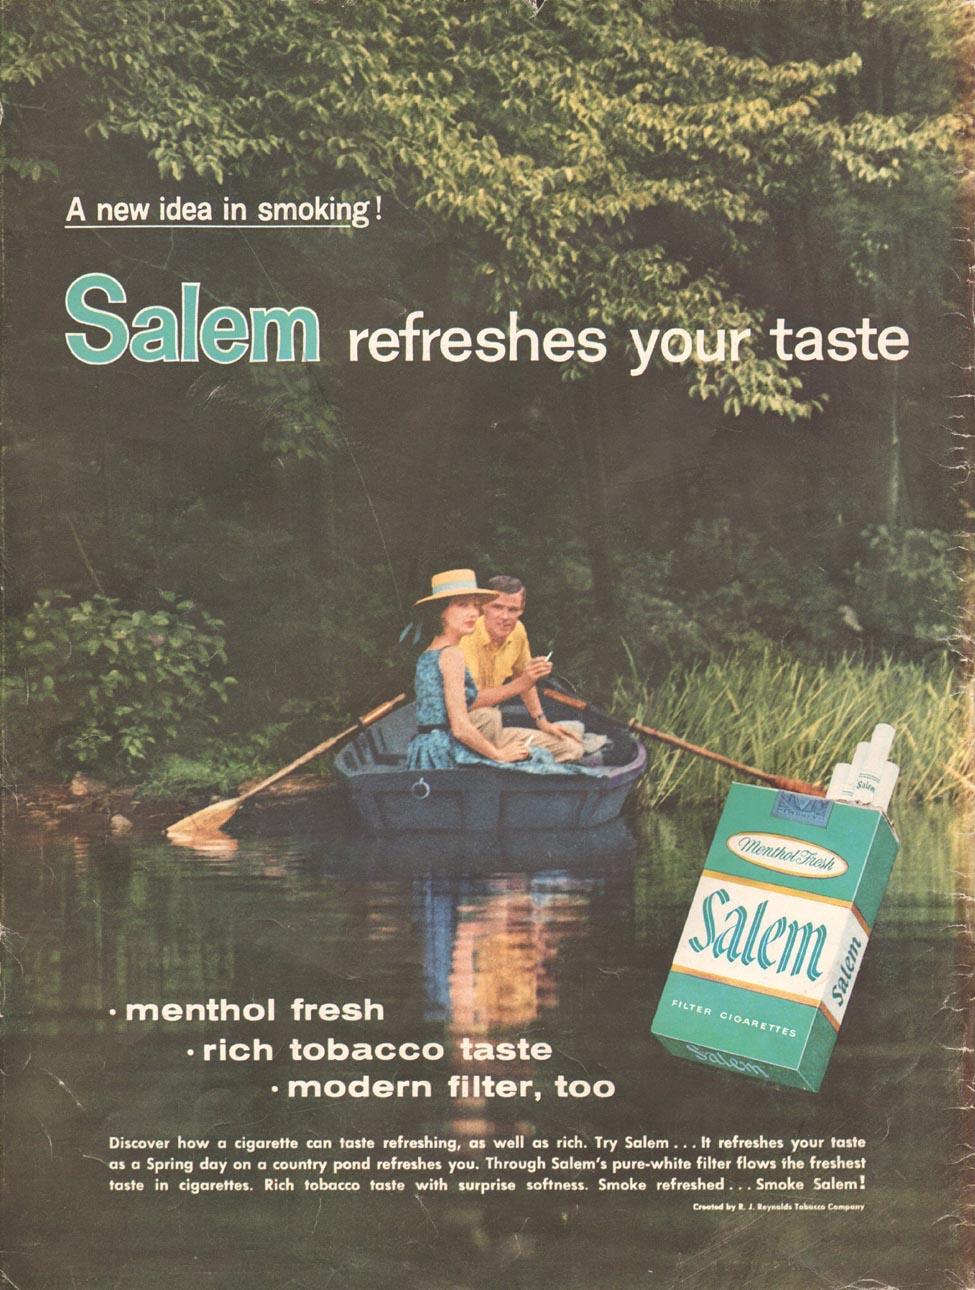 SALEM CIGARETTES LIFE 09/15/1958 BACK COVER